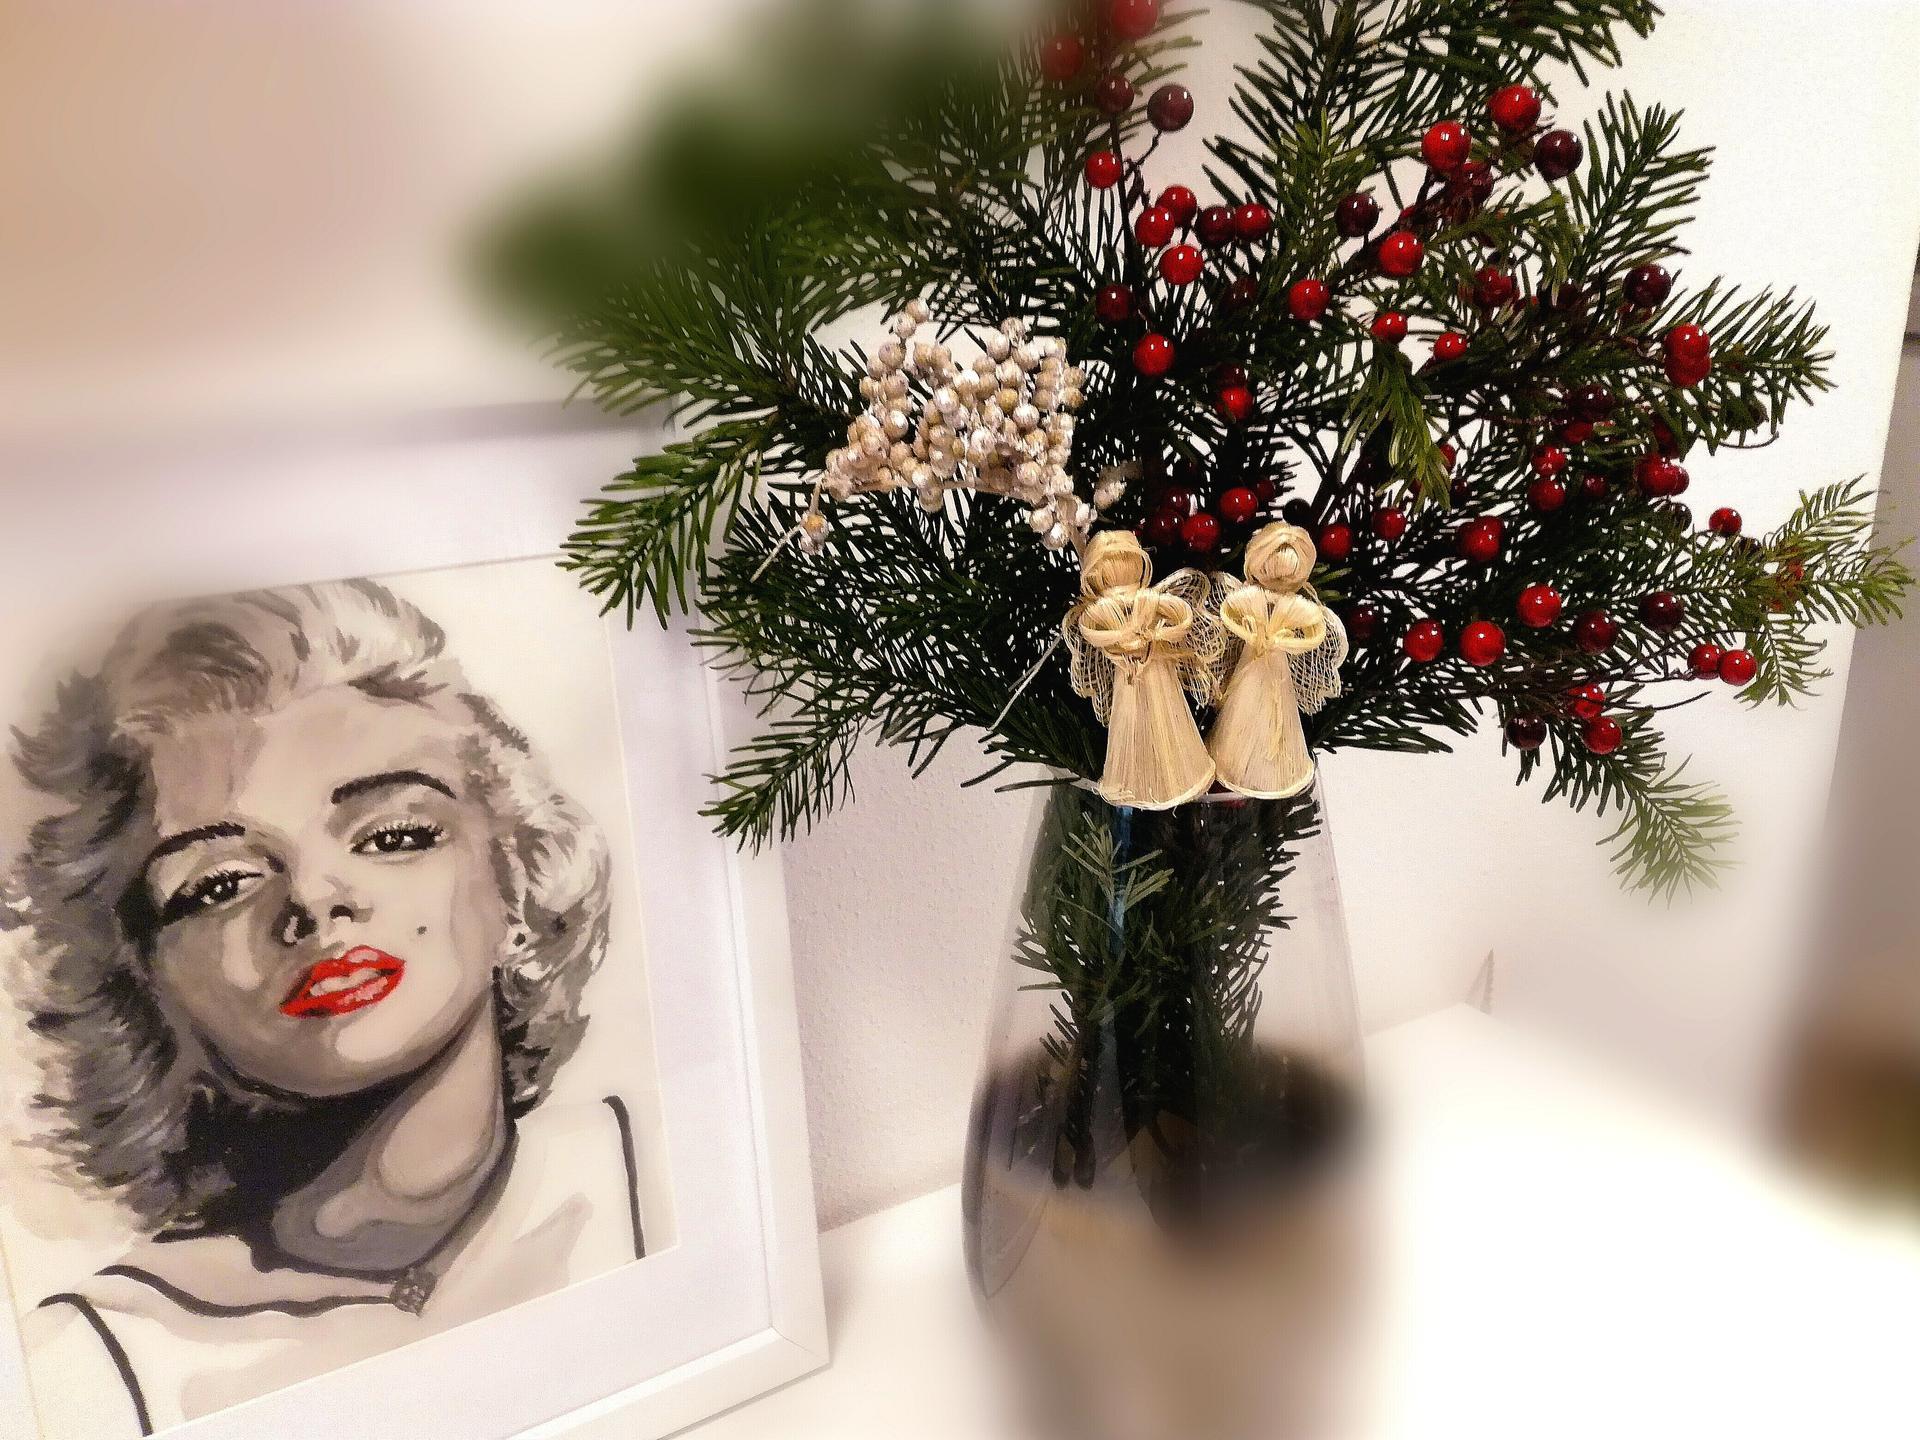 ...vánoční čas v roce 2020🌲🌲🌲❤ - Obrázek č. 43